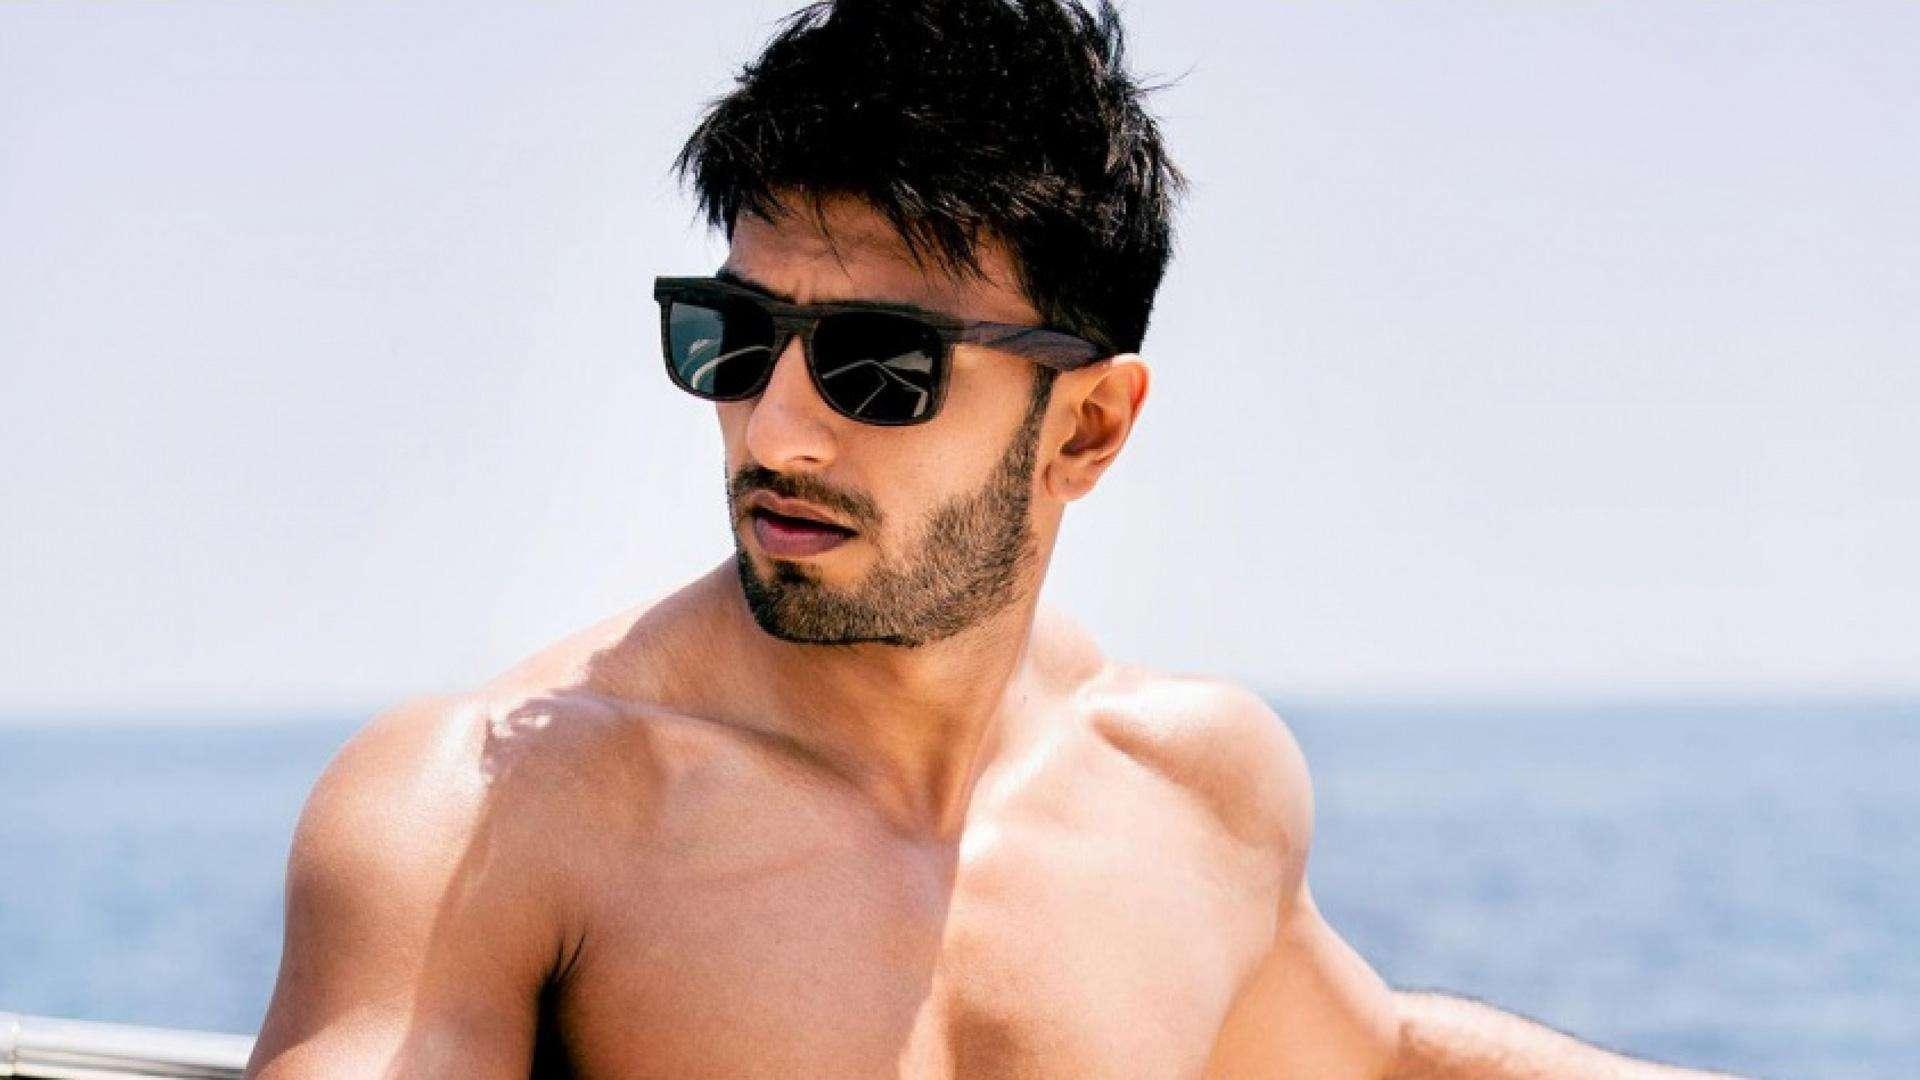 Ranveer Singh: 6 महीने के रेस्ट के बाद रणवीर सिंह ने की काम पर वापसी